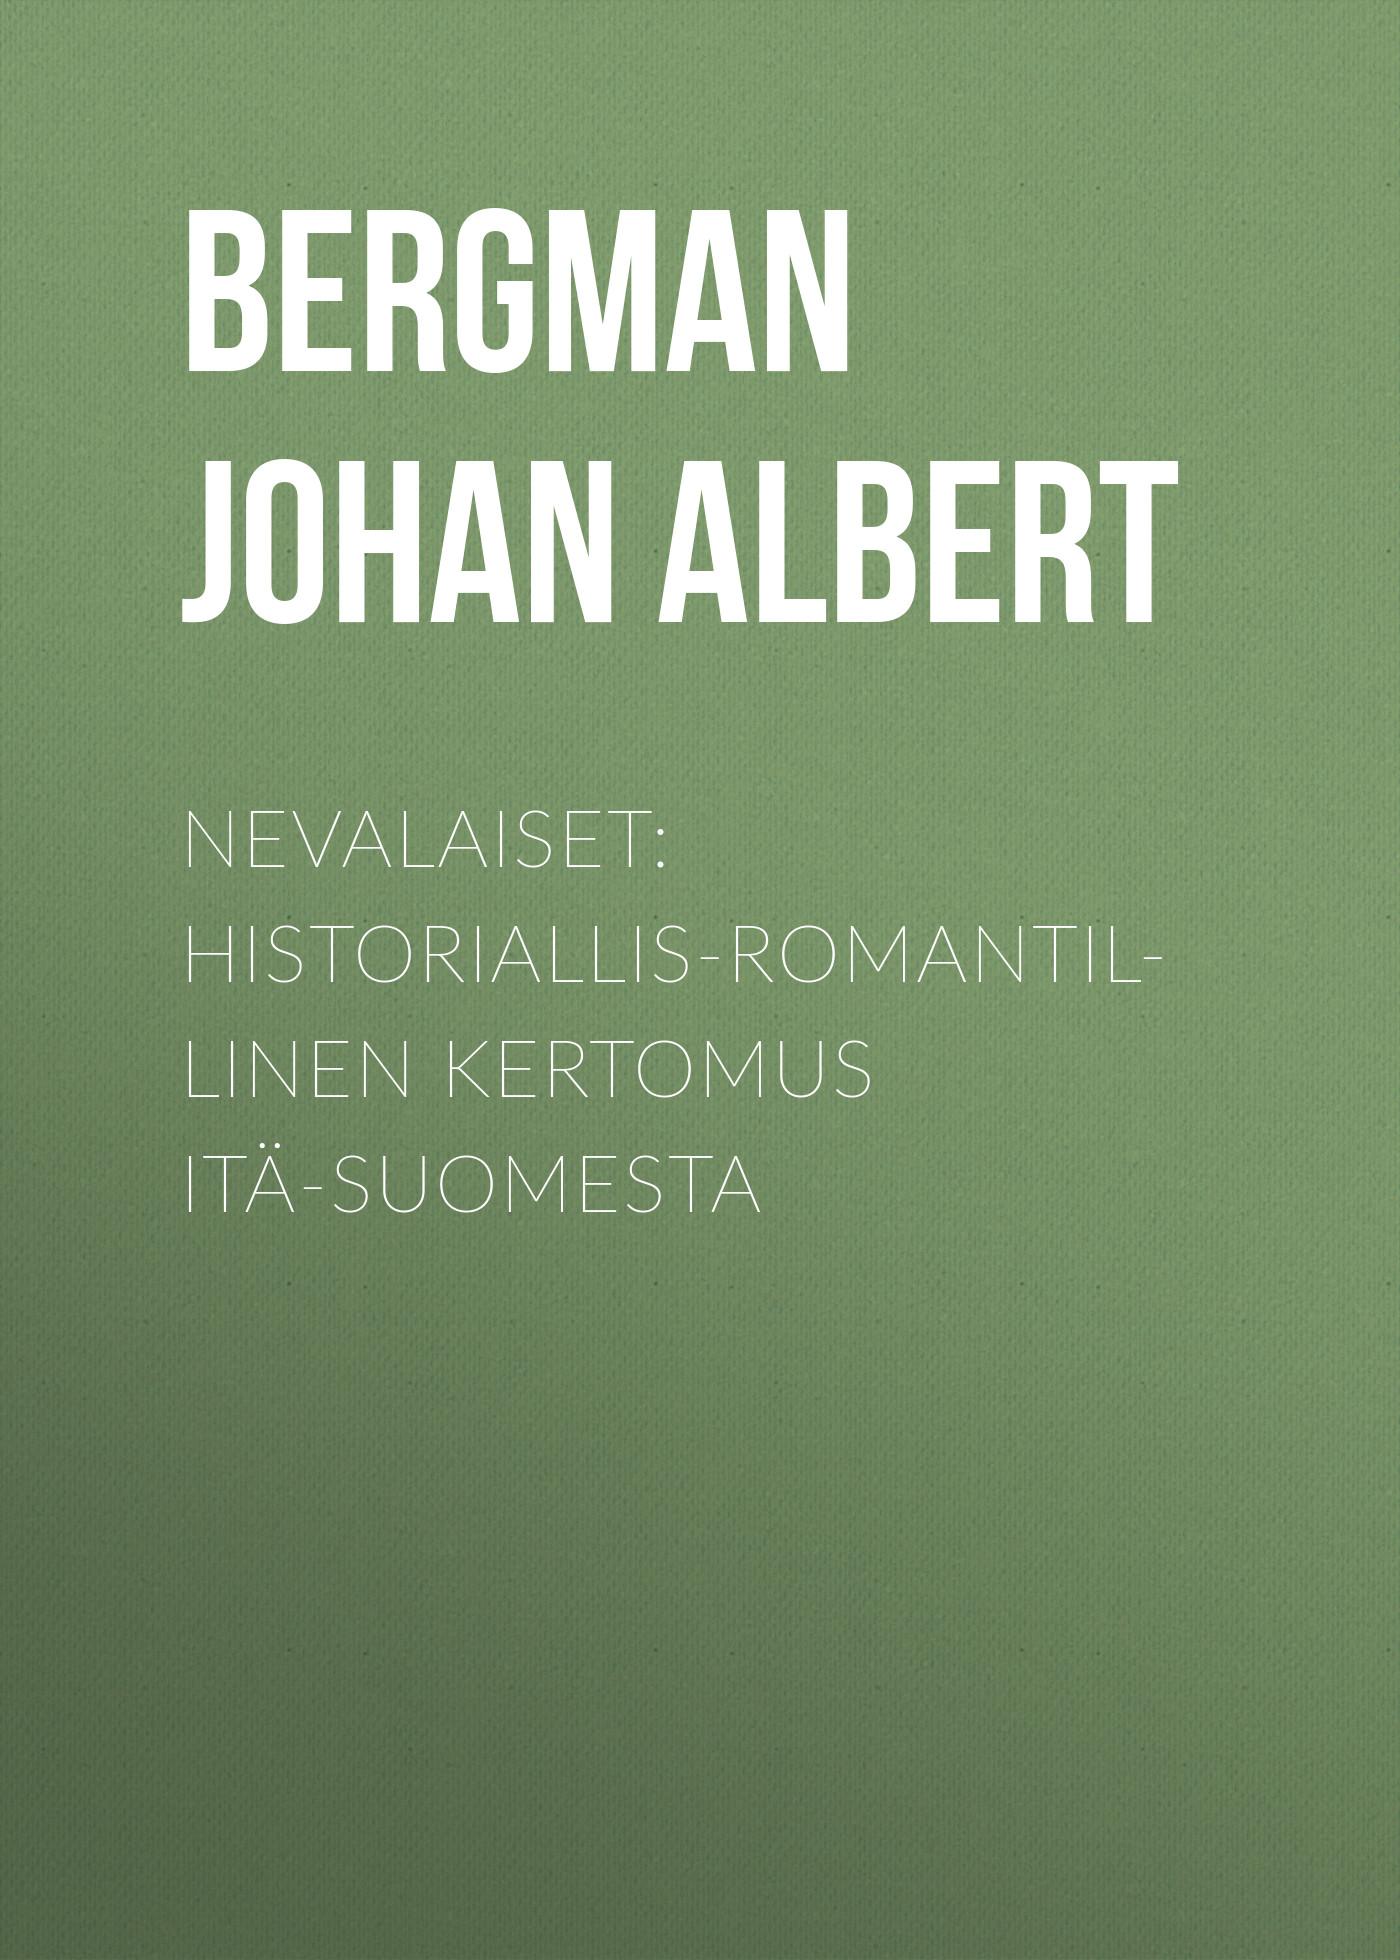 Bergman Johan Albert Nevalaiset: Historiallis-romantillinen kertomus Itä-Suomesta блесна rapala bergman bwbo70 sg 70mm 13g